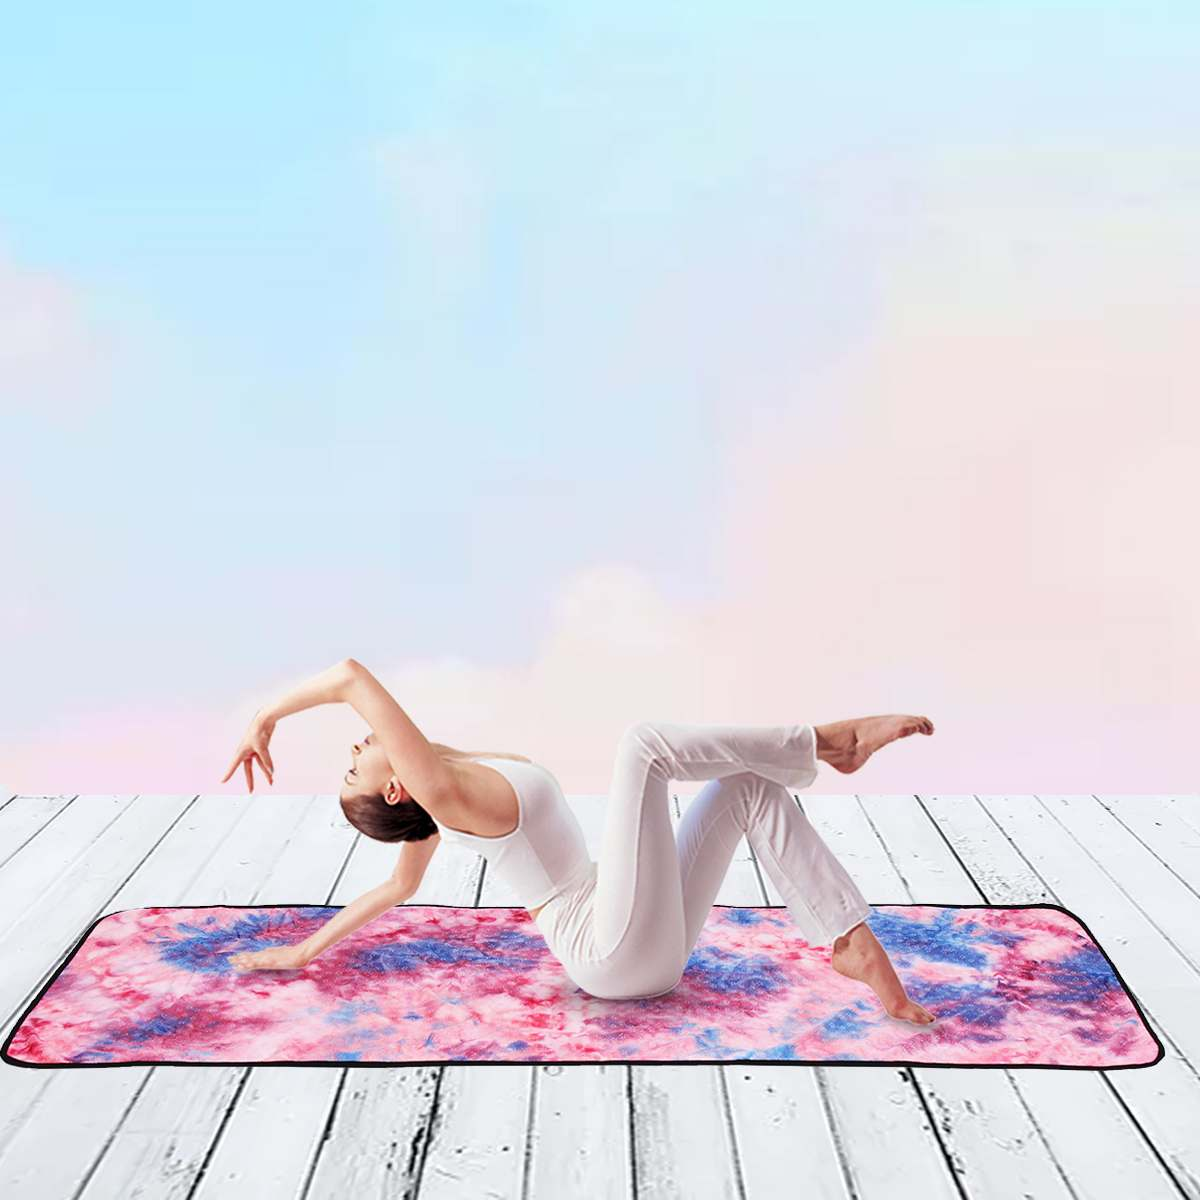 183*63CM Yoga Mate Yoga Handtuch-Super Weichen, Saugfähigen, nicht-Slip Bikram Hot Yoga Handtücher für Matte-Ideal für Hot Yoga & Pilates